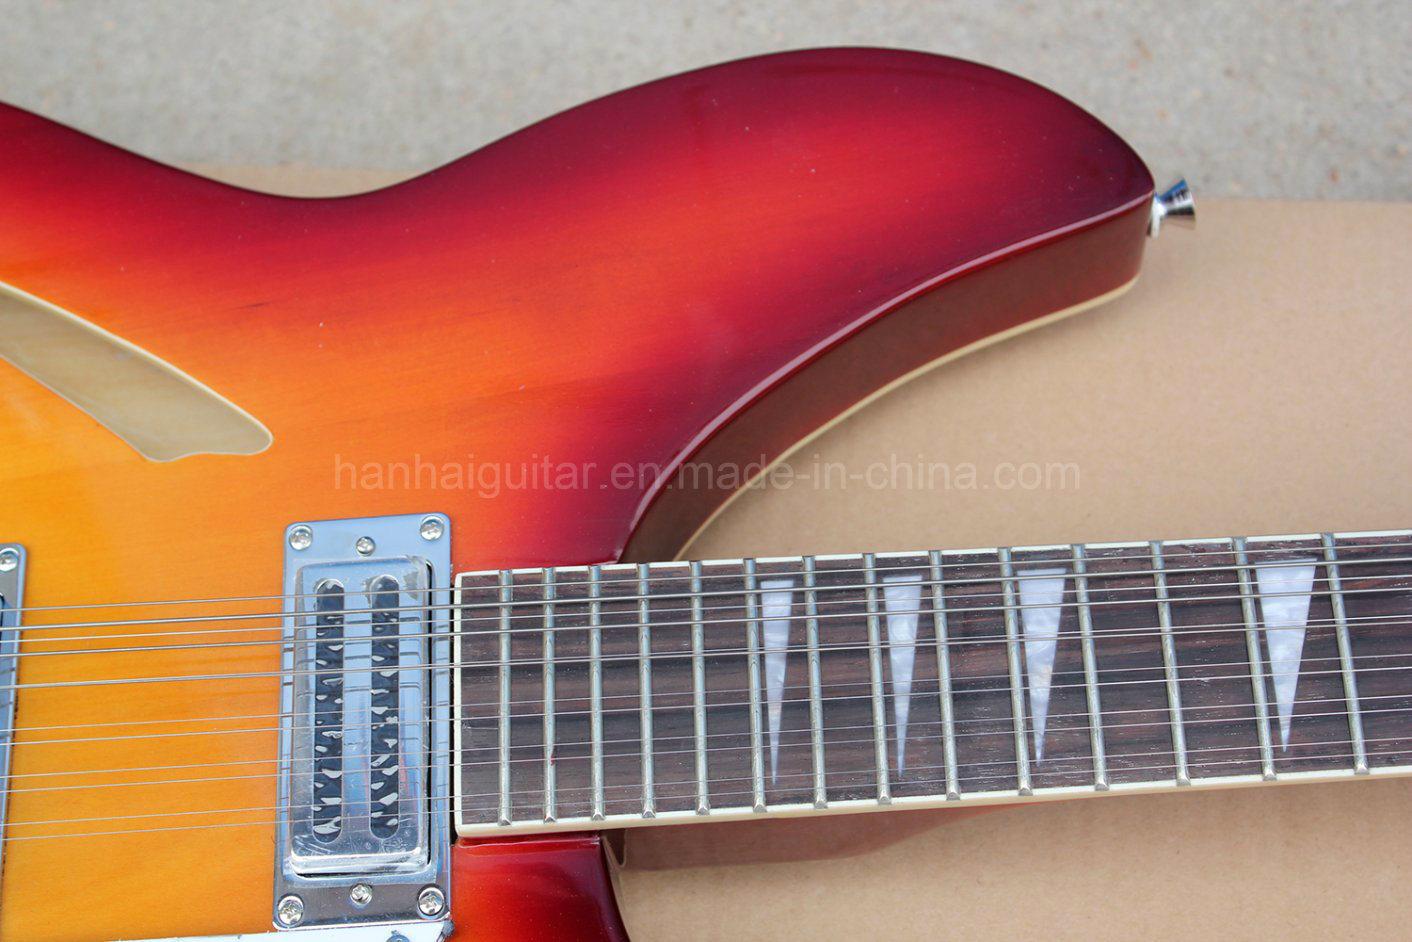 Hanhai Music / 12 Strings Riken Style Electric Guitar